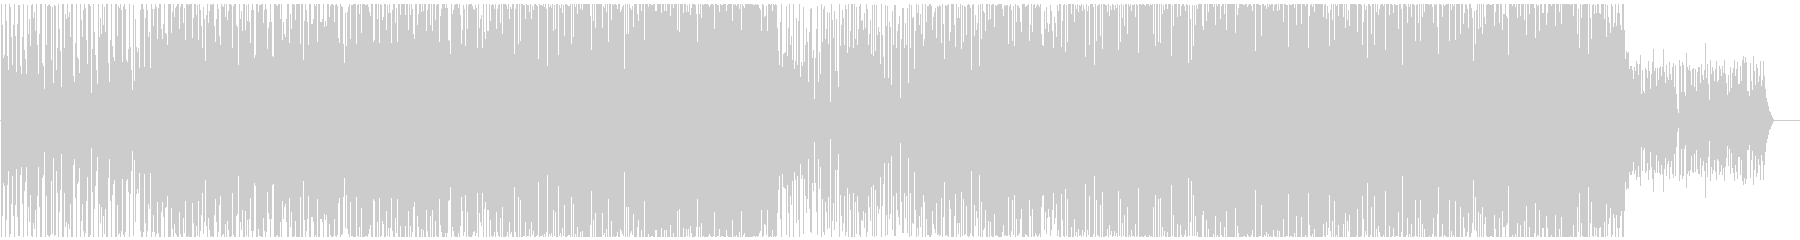 ウキウキするようなトロピカルハウスの未再生の波形